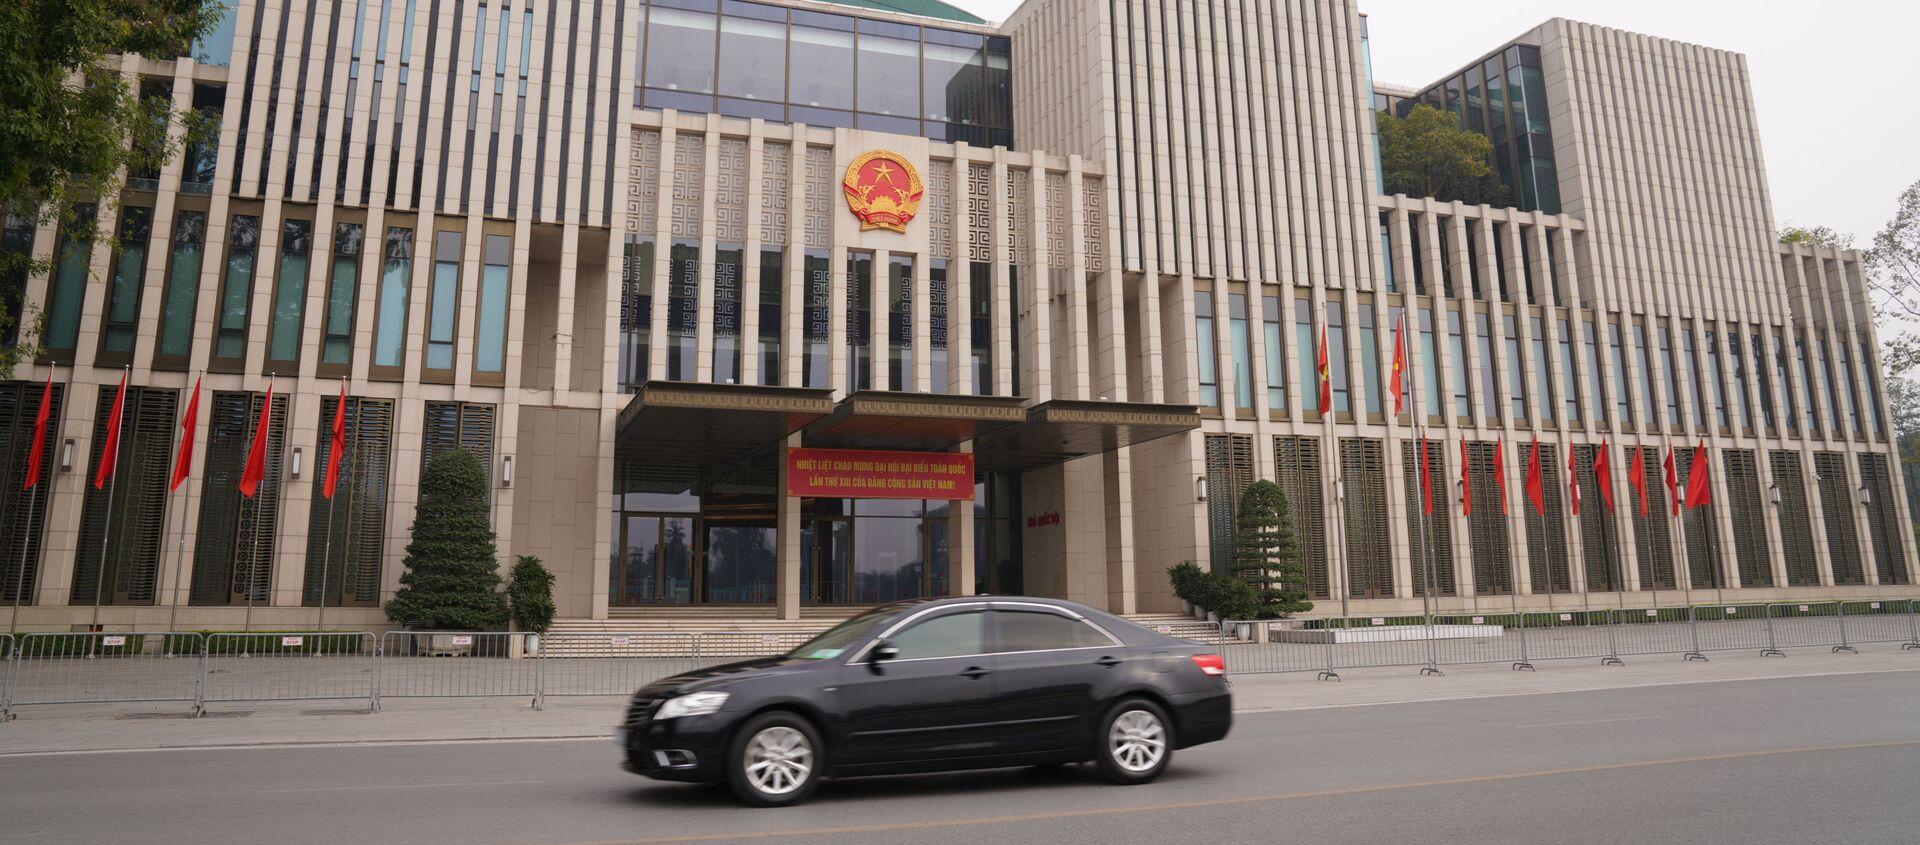 Tòa nhà Quốc hội Việt Nam được trang hoàng chào mừng Đại hội lần thứ 13 của Đảng Cộng sản Việt Nam  - Sputnik Việt Nam, 1920, 14.03.2021